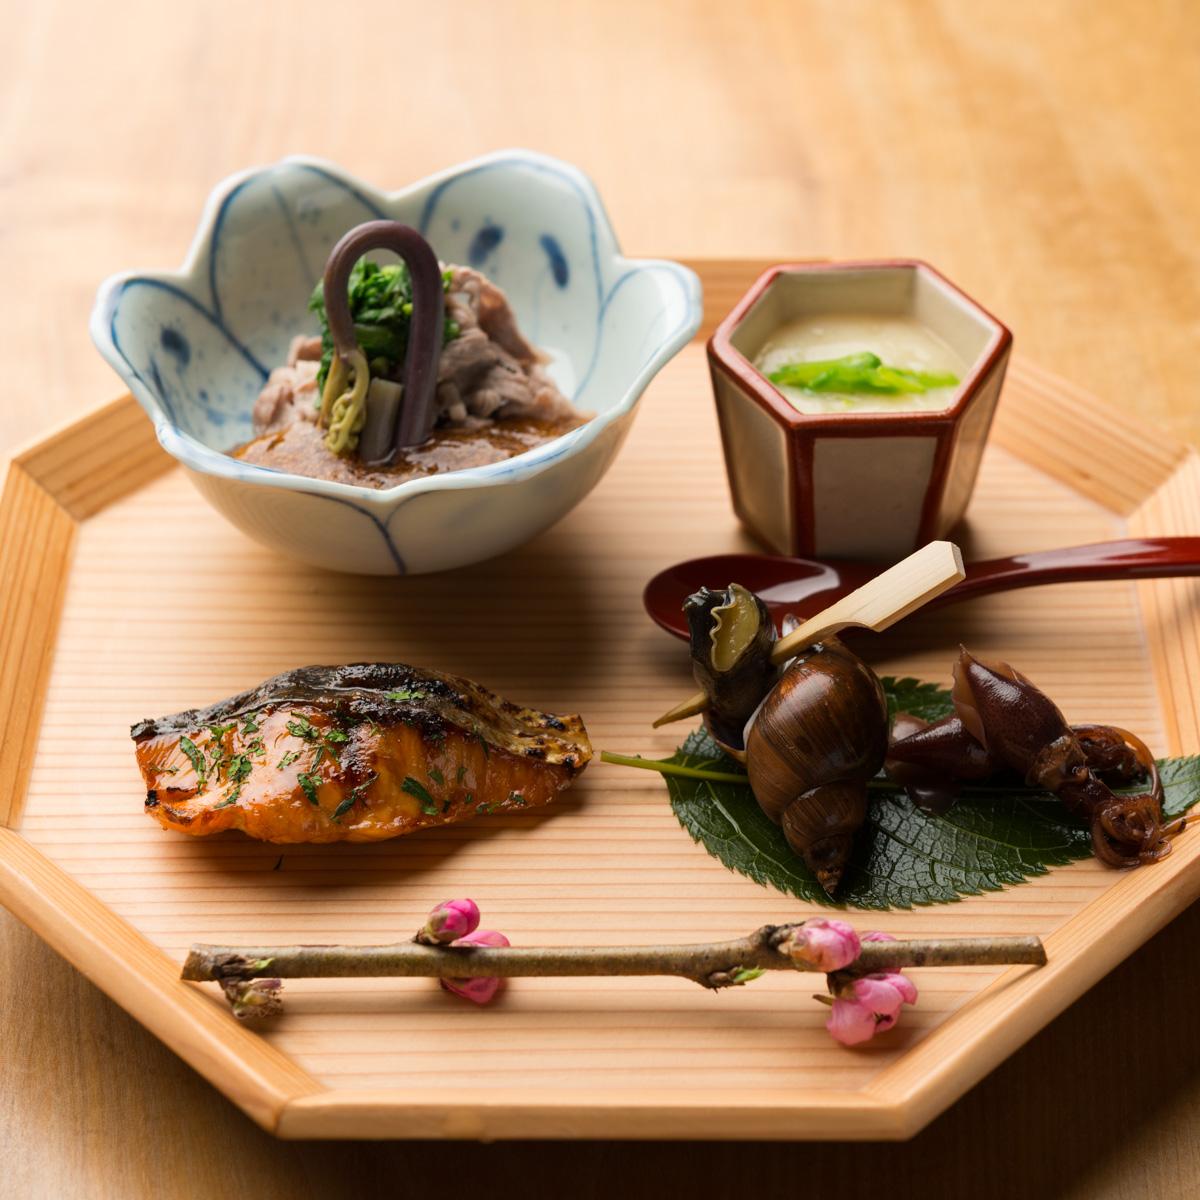 八寸|宮崎牛のしゃぶしゃぶ、ホワイトアスパラの冷製茶碗蒸し、桜鱒の木の芽焼き、蛍いかの生姜煮、バイ貝の旨煮